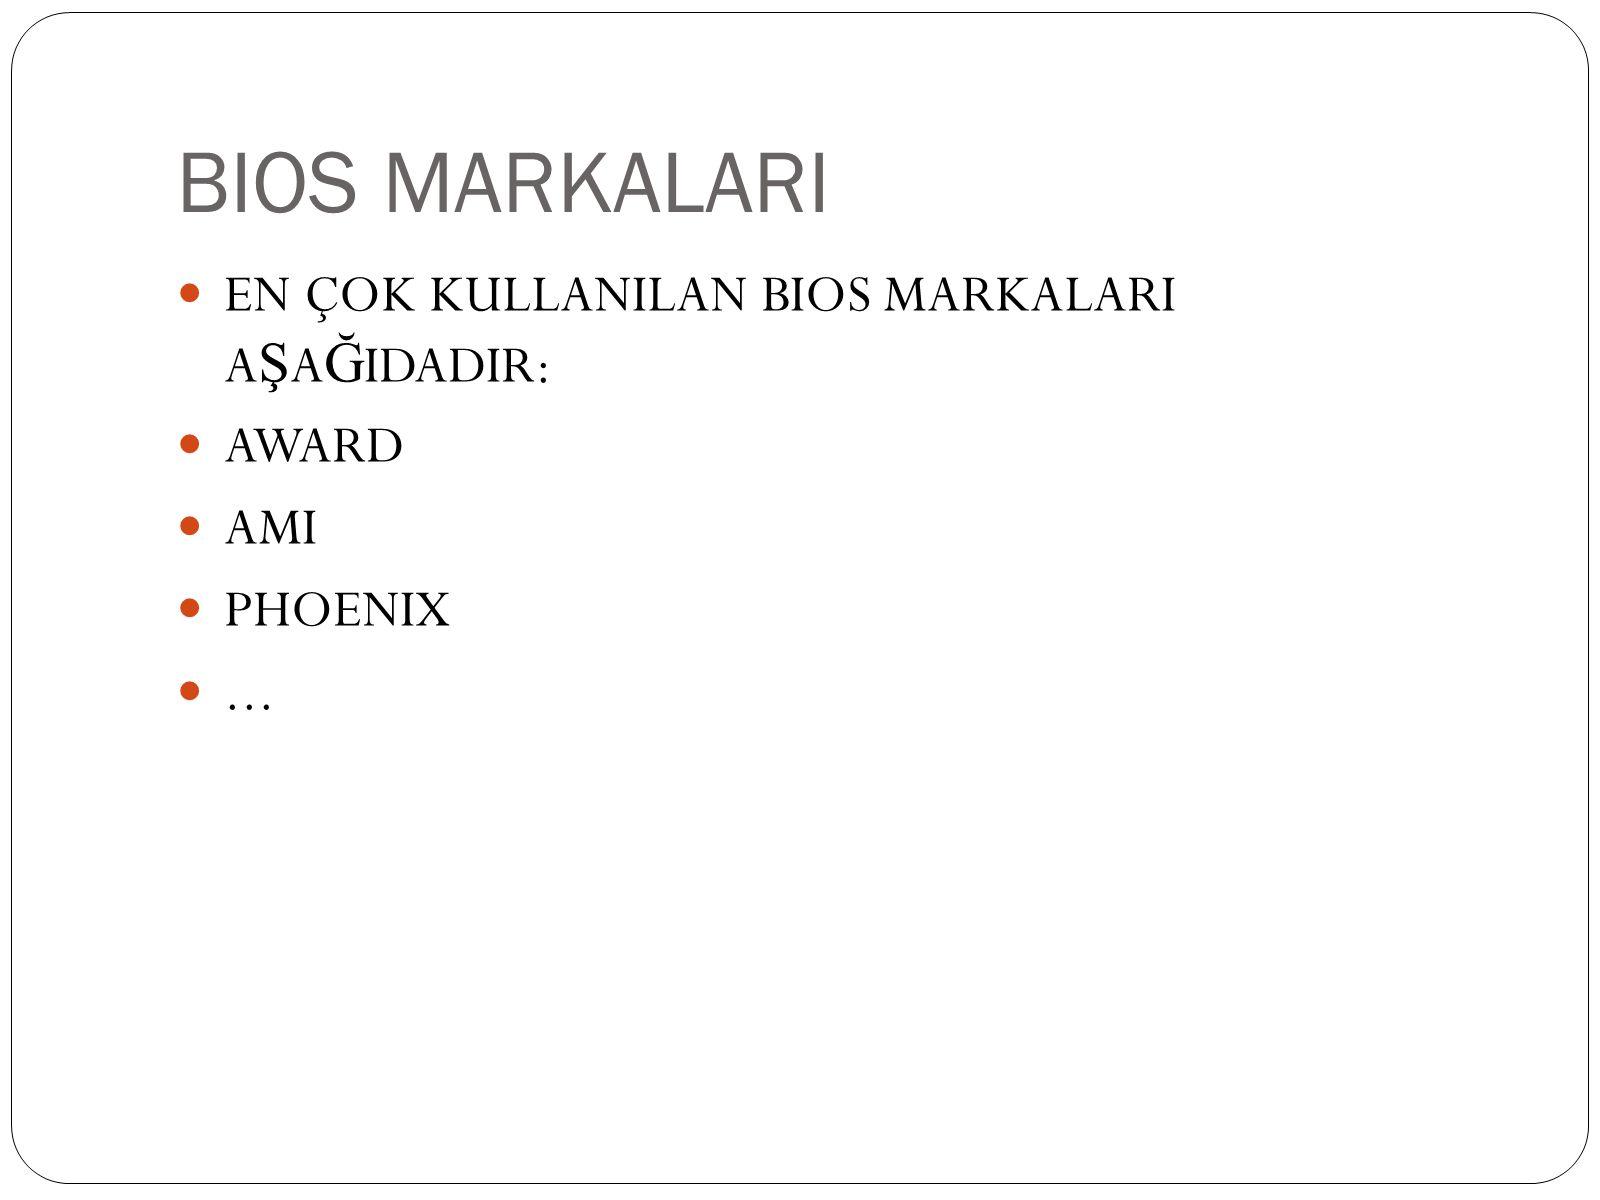 BIOS MARKALARI  EN ÇOK KULLANILAN BIOS MARKALARI A Ş A Ğ IDADIR:  AWARD  AMI  PHOENIX ...